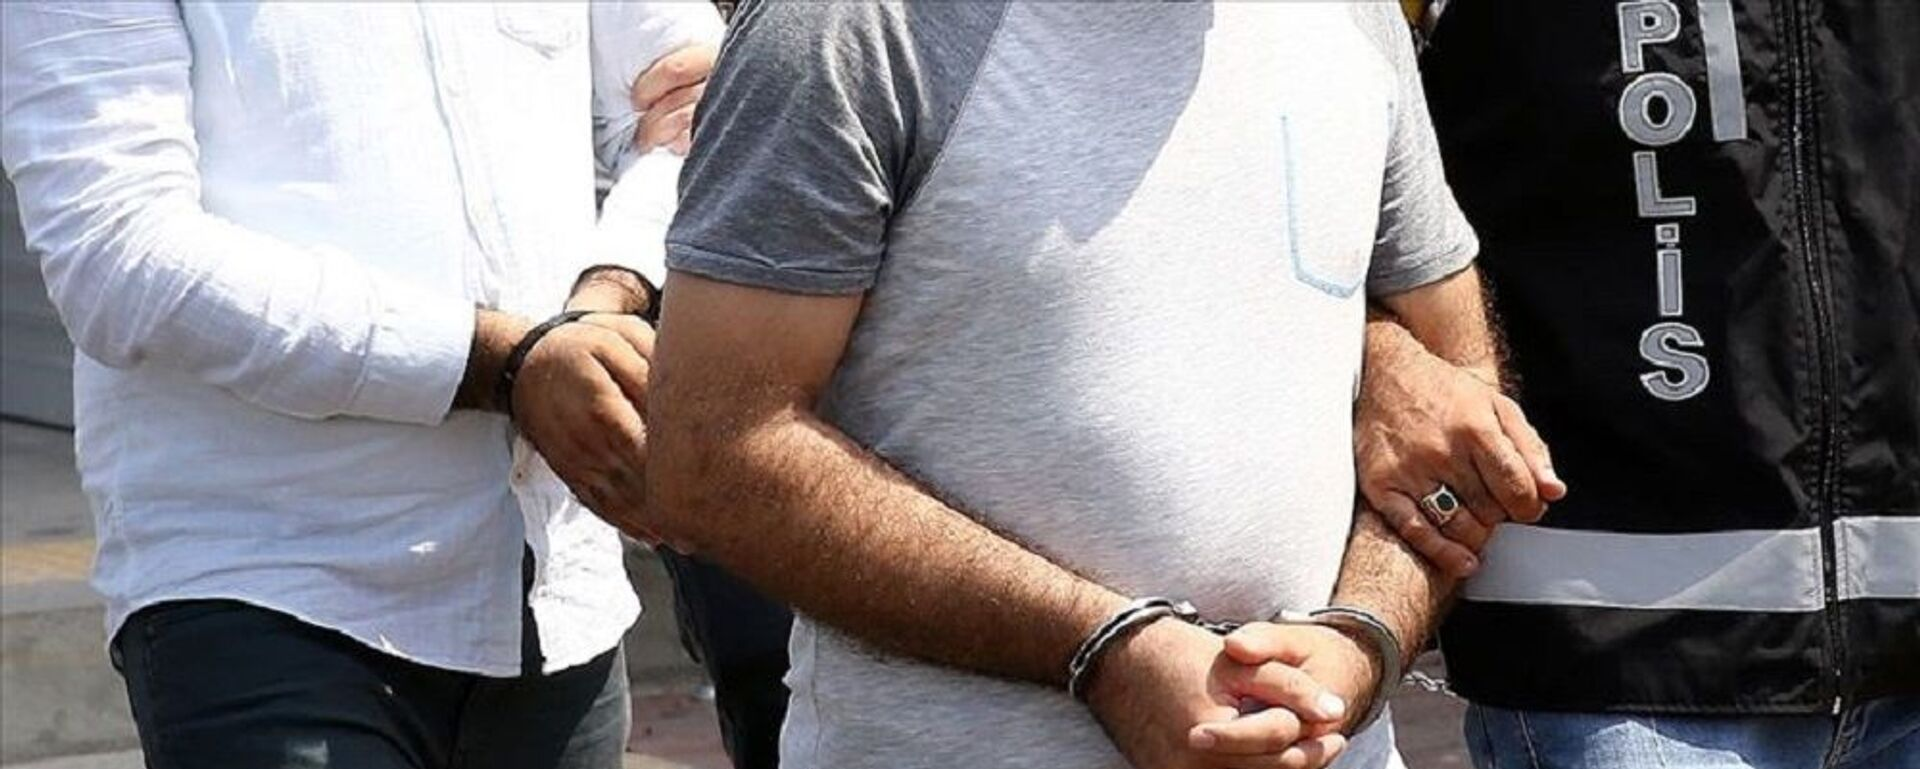 gözaltı,  tutuklama - Sputnik Türkiye, 1920, 06.08.2021